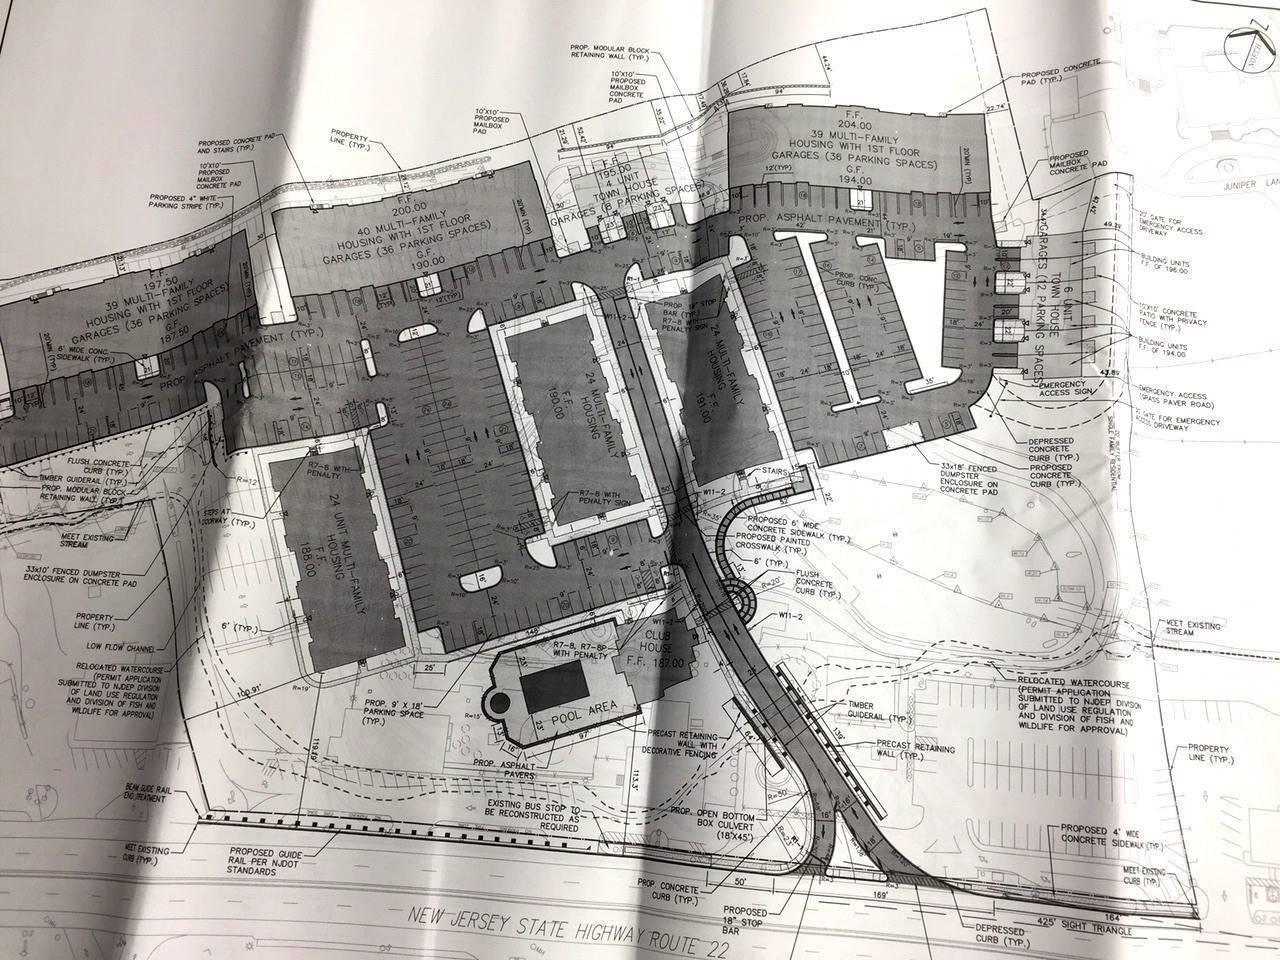 dcf40d7ead6ddd648a25_e2c16ecca41d787861de_Bowcraft_Site_Plan_map.JPG